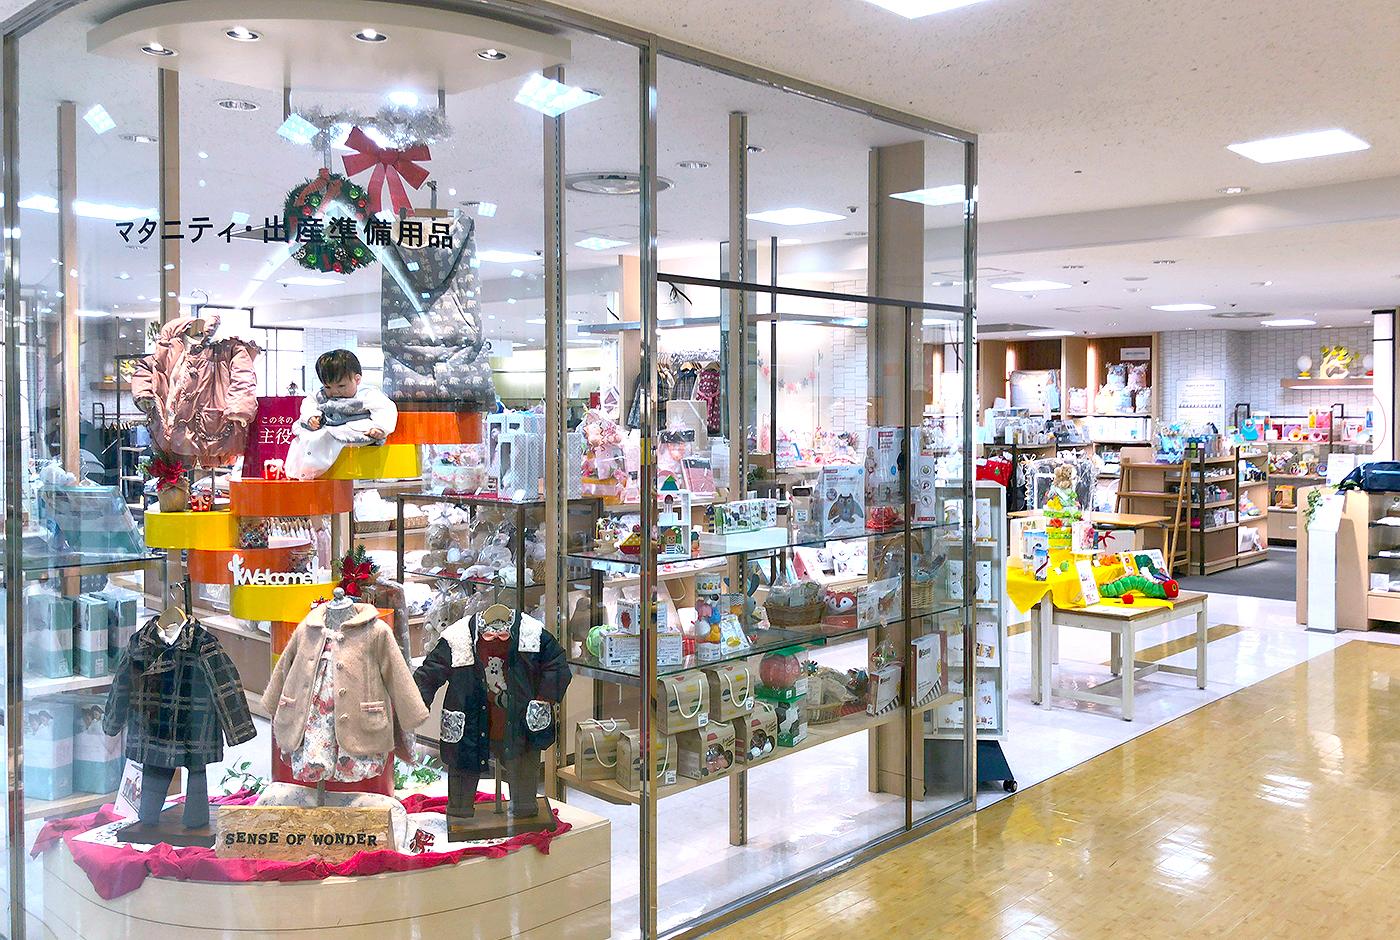 伊勢丹浦和店にて「はらぺこあおむし」フォトフレーム販売開始